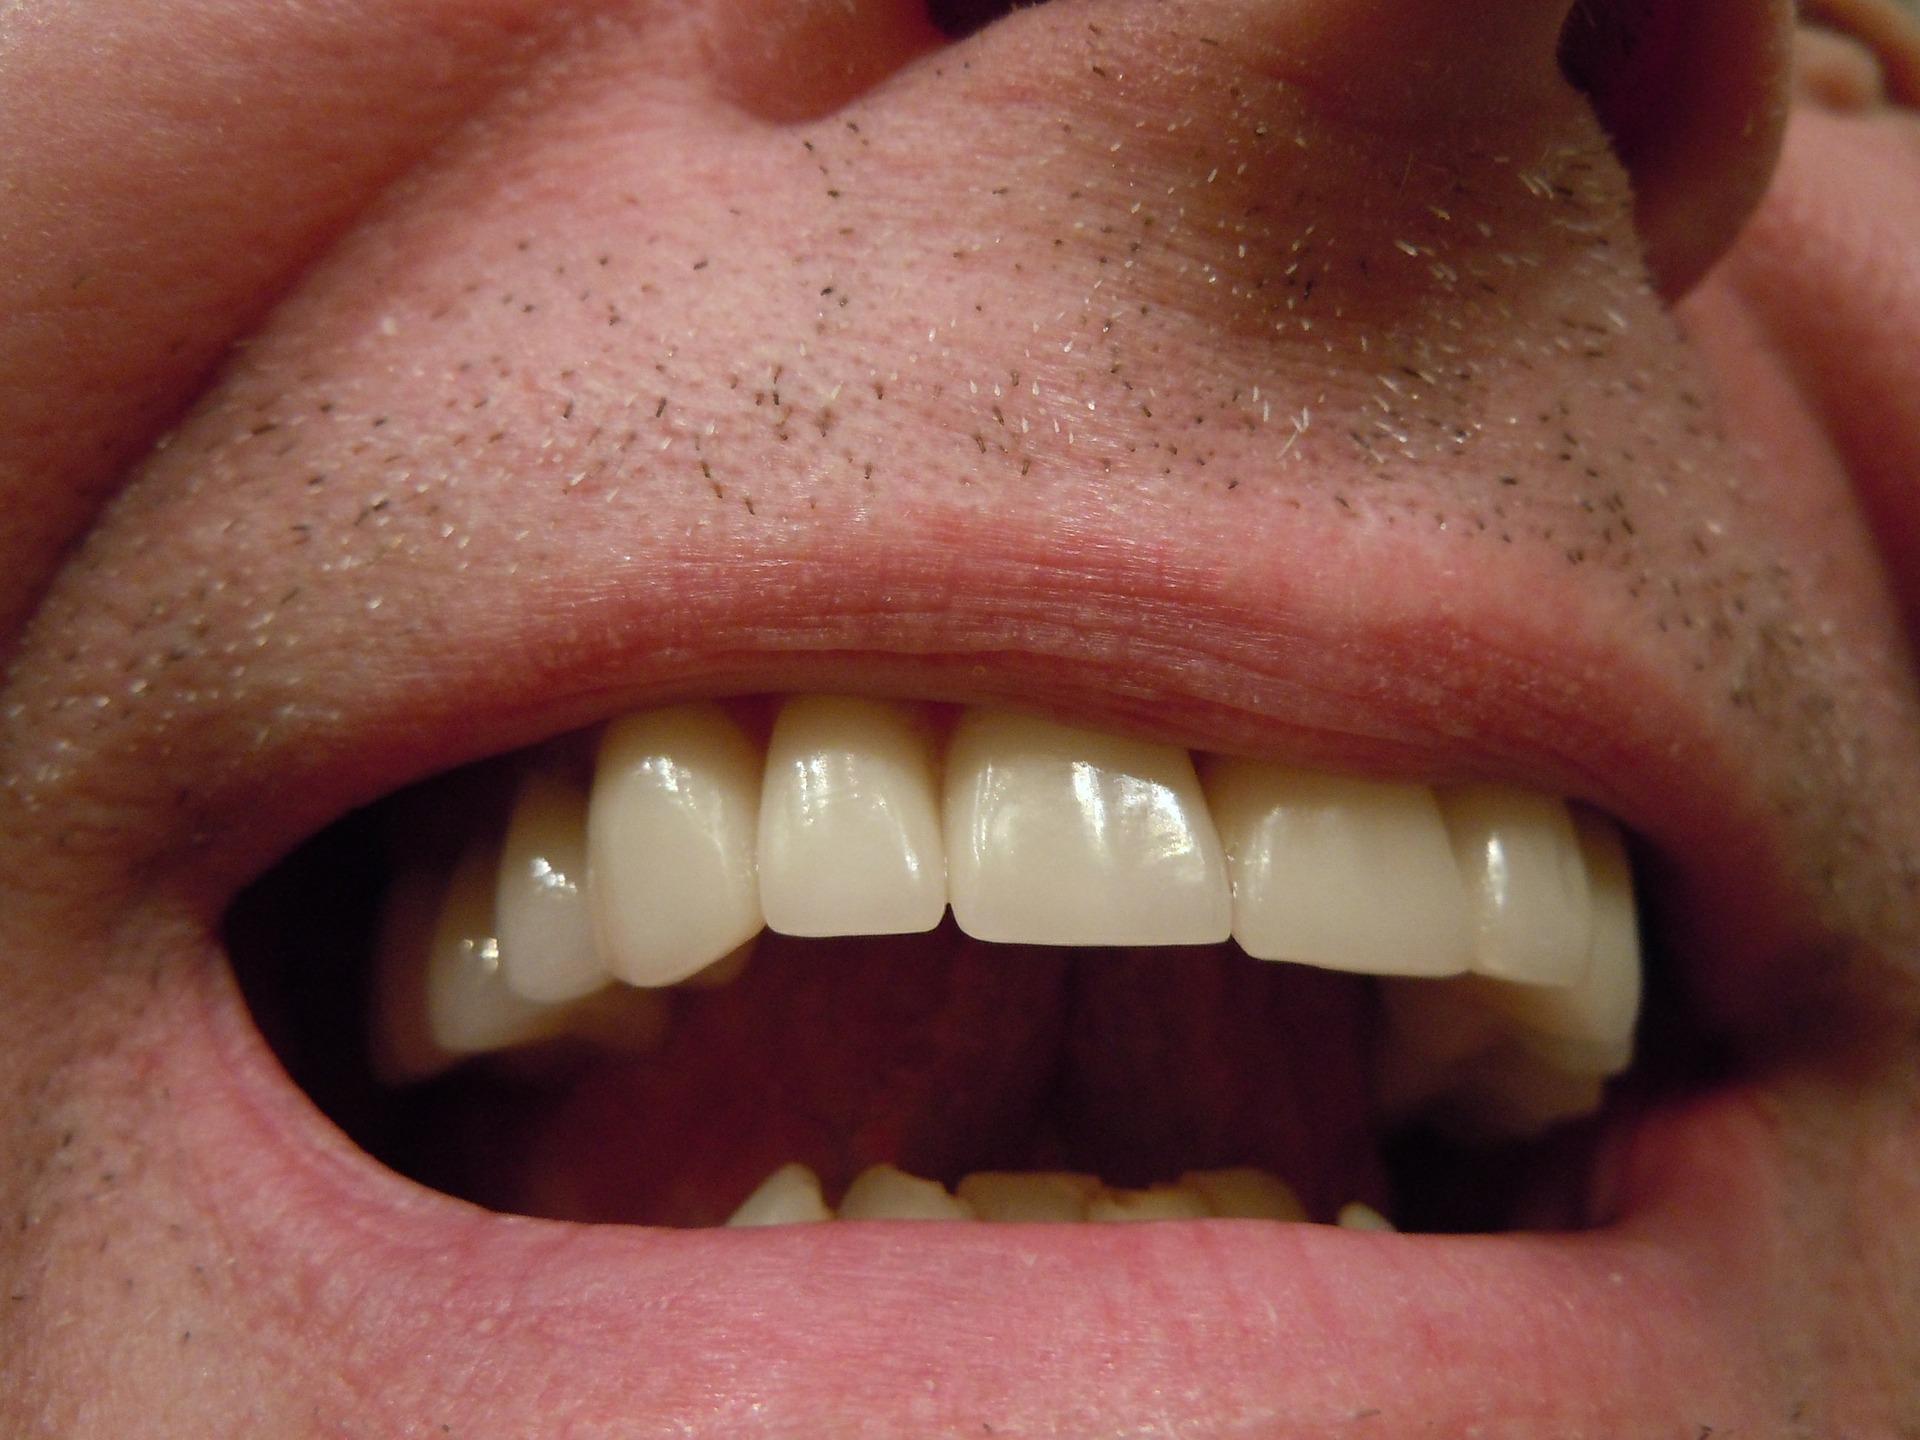 sanatate orala